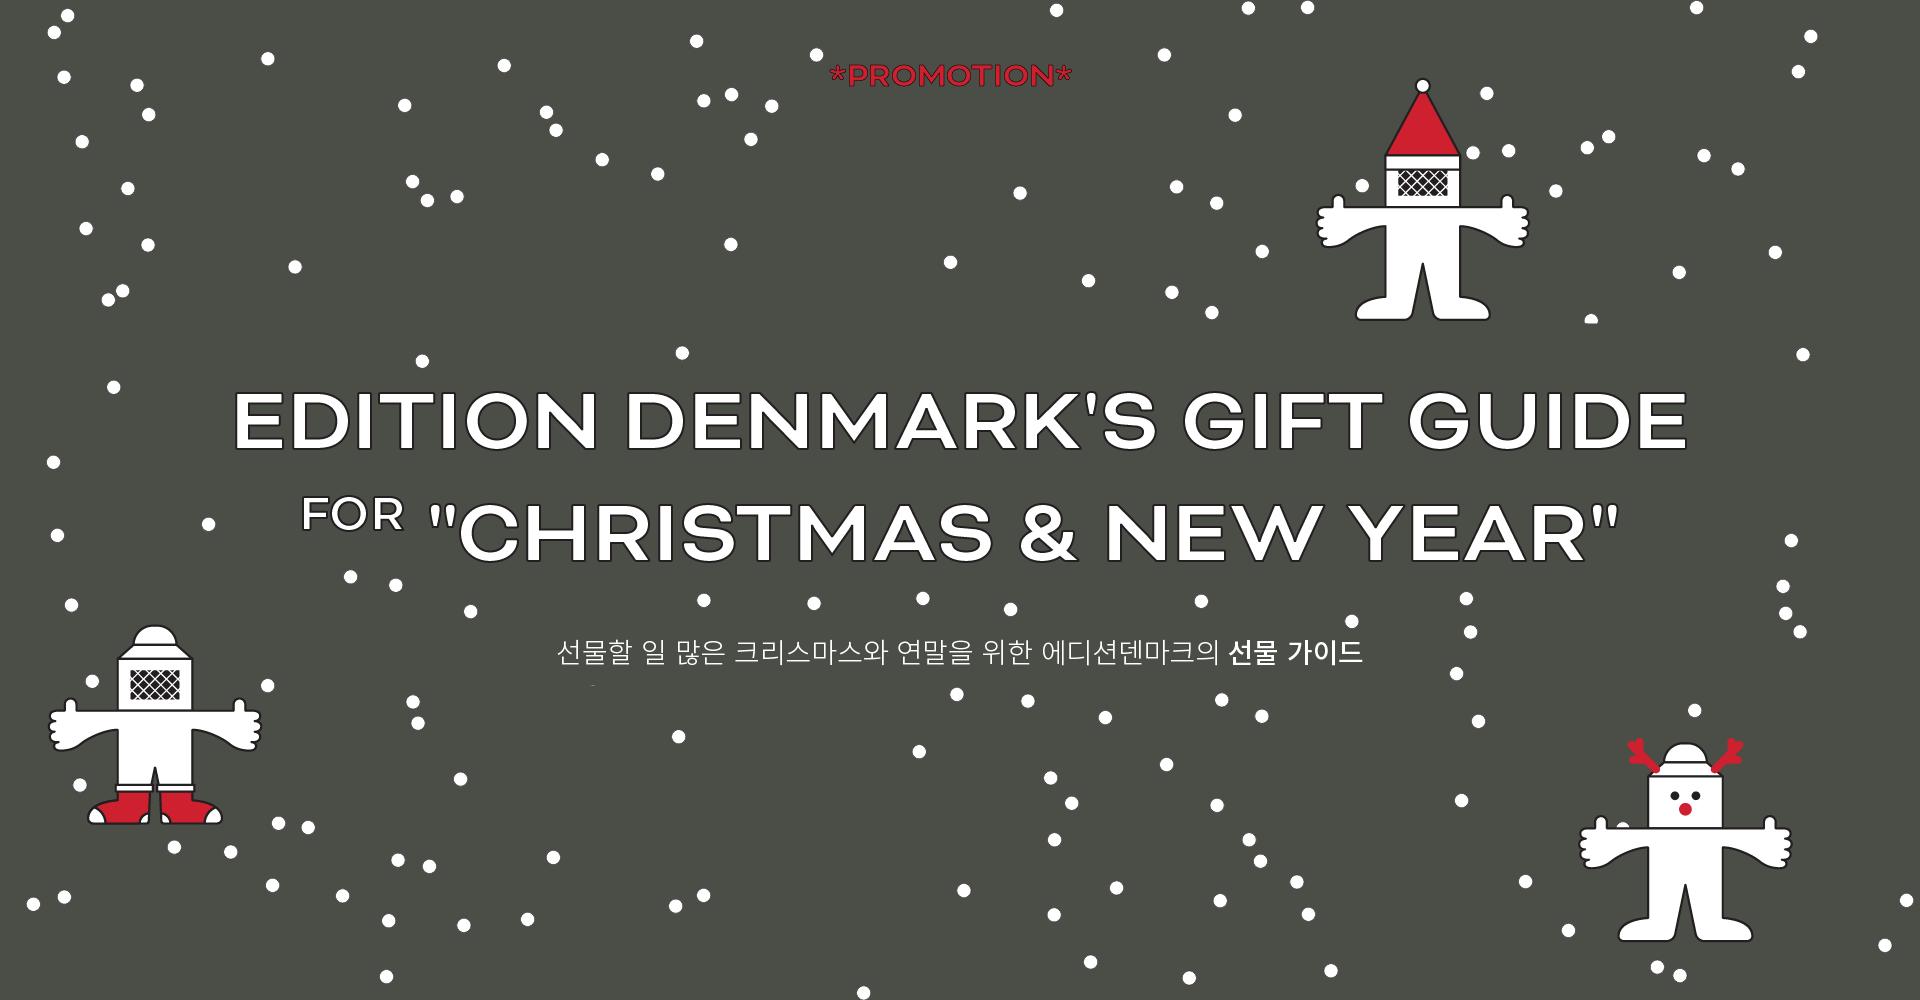 에디션덴마크의 크리스마스&연말 선물 가이드